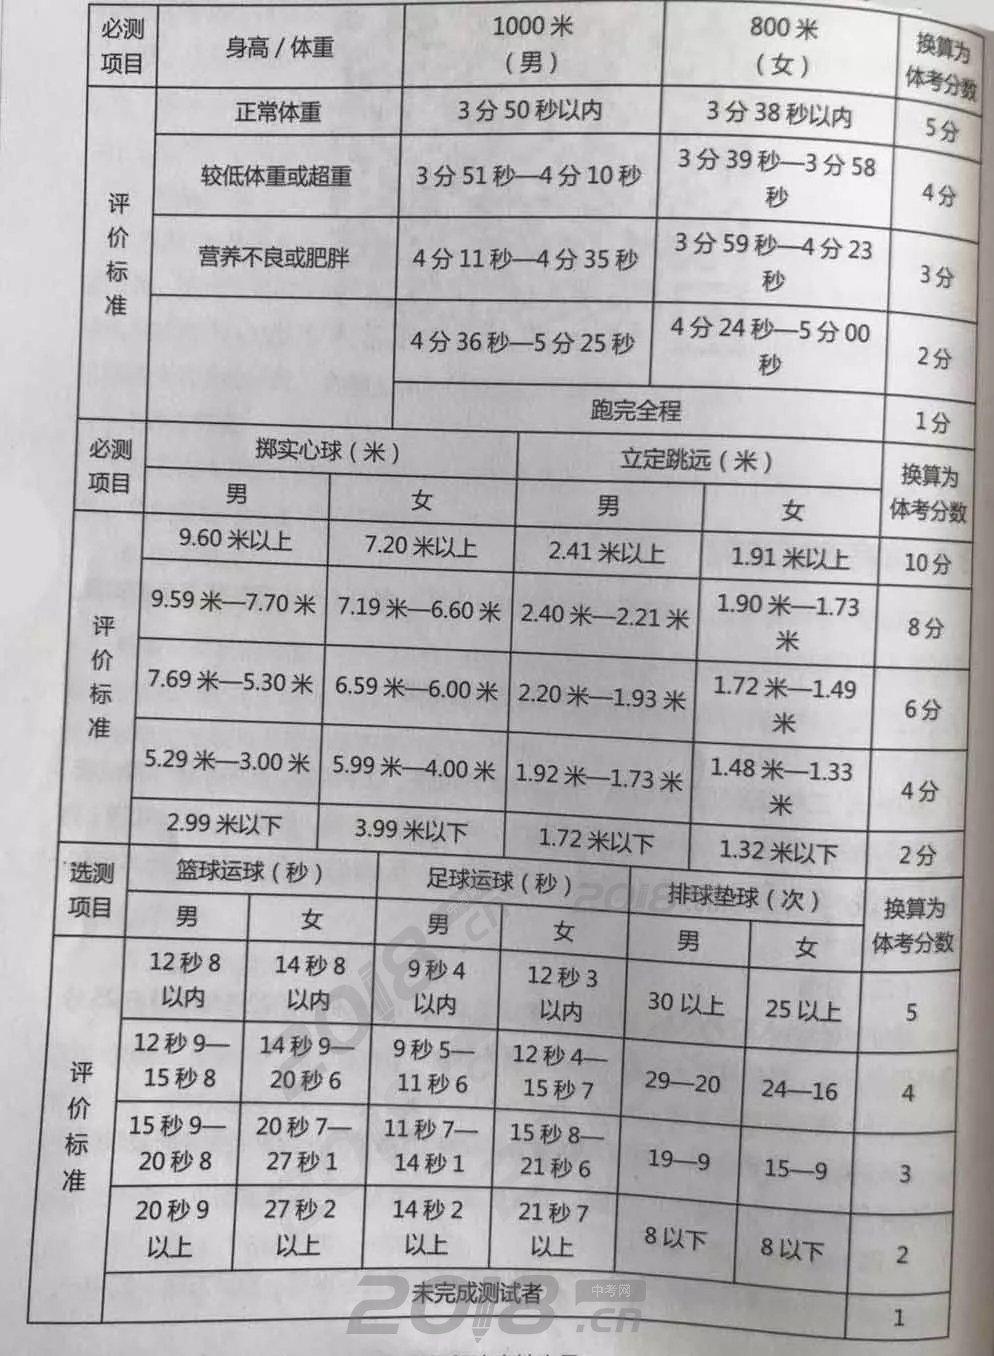 城镇养老保险缴费标准2019年 醴陵养老保险个人交多少